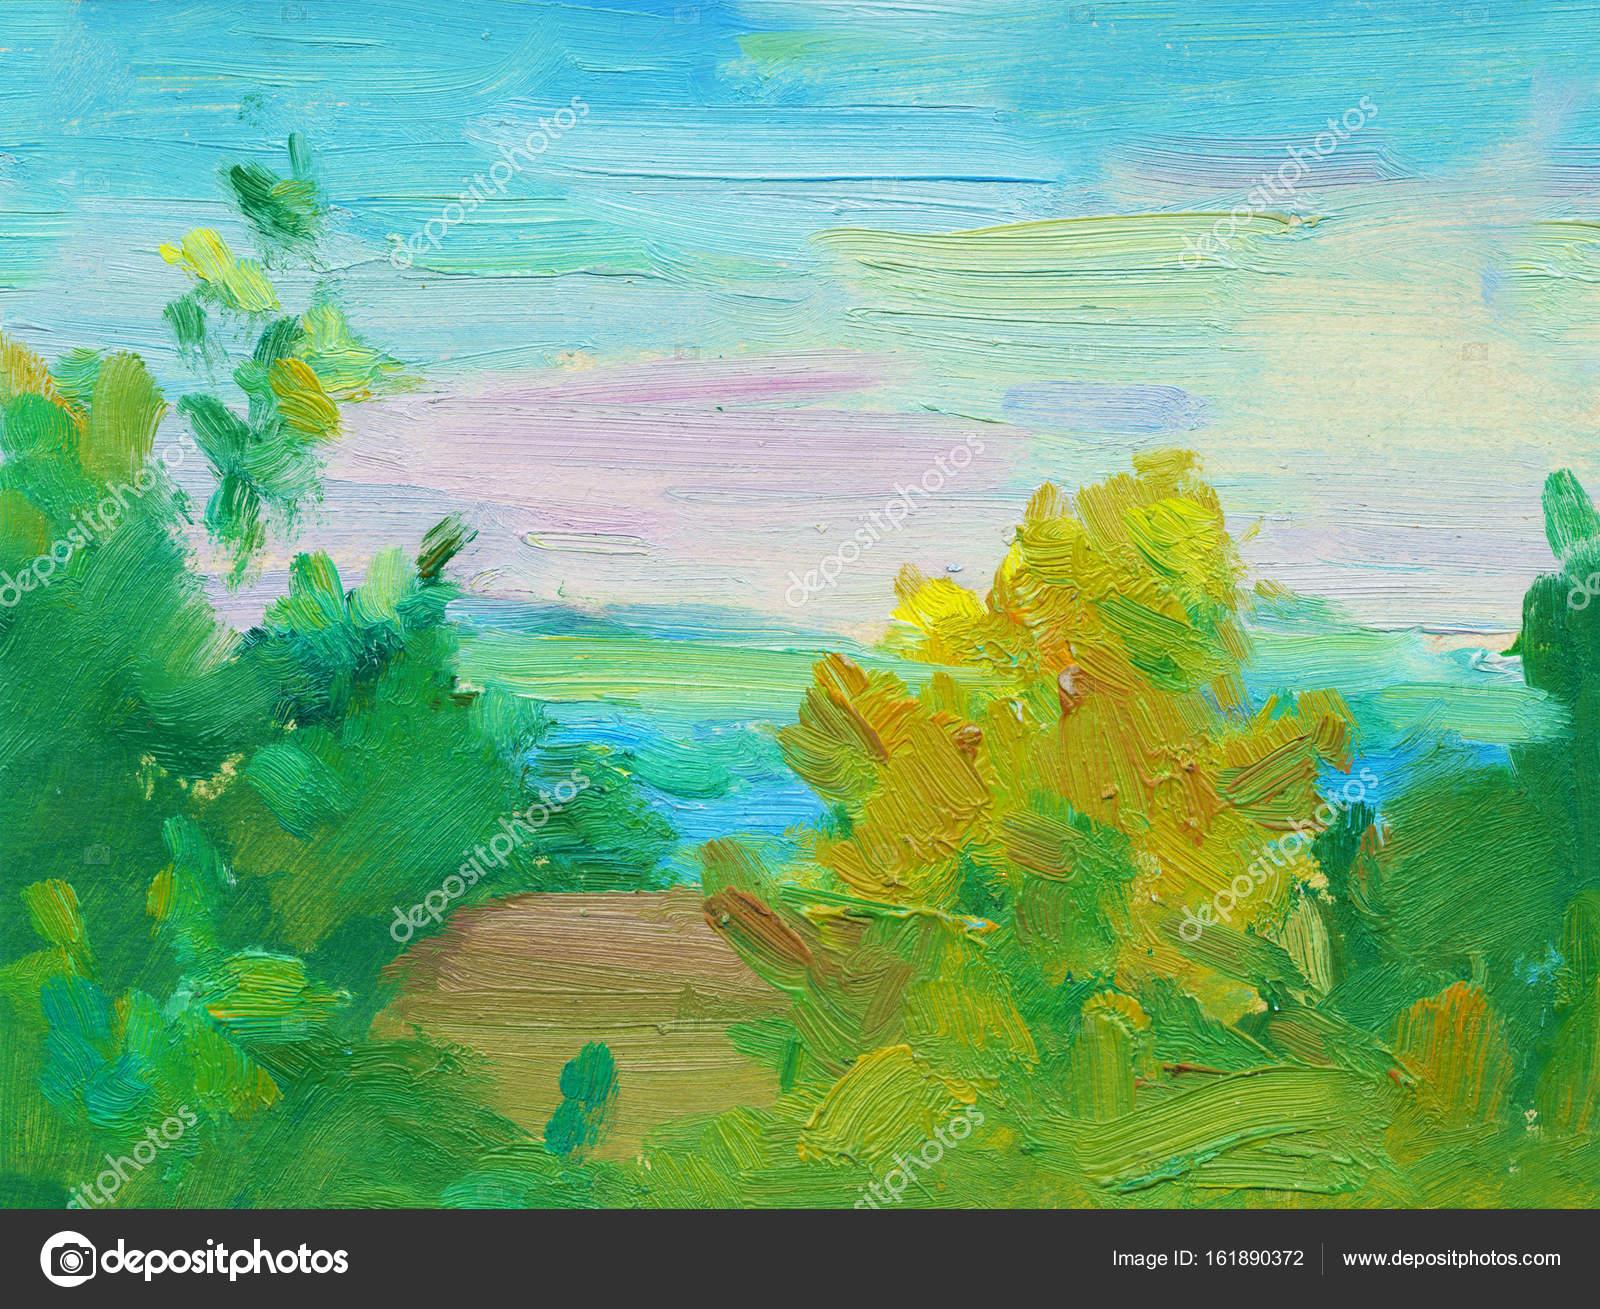 Dipinto ad olio paesaggio astratto. Pittura a olio del mare e ...